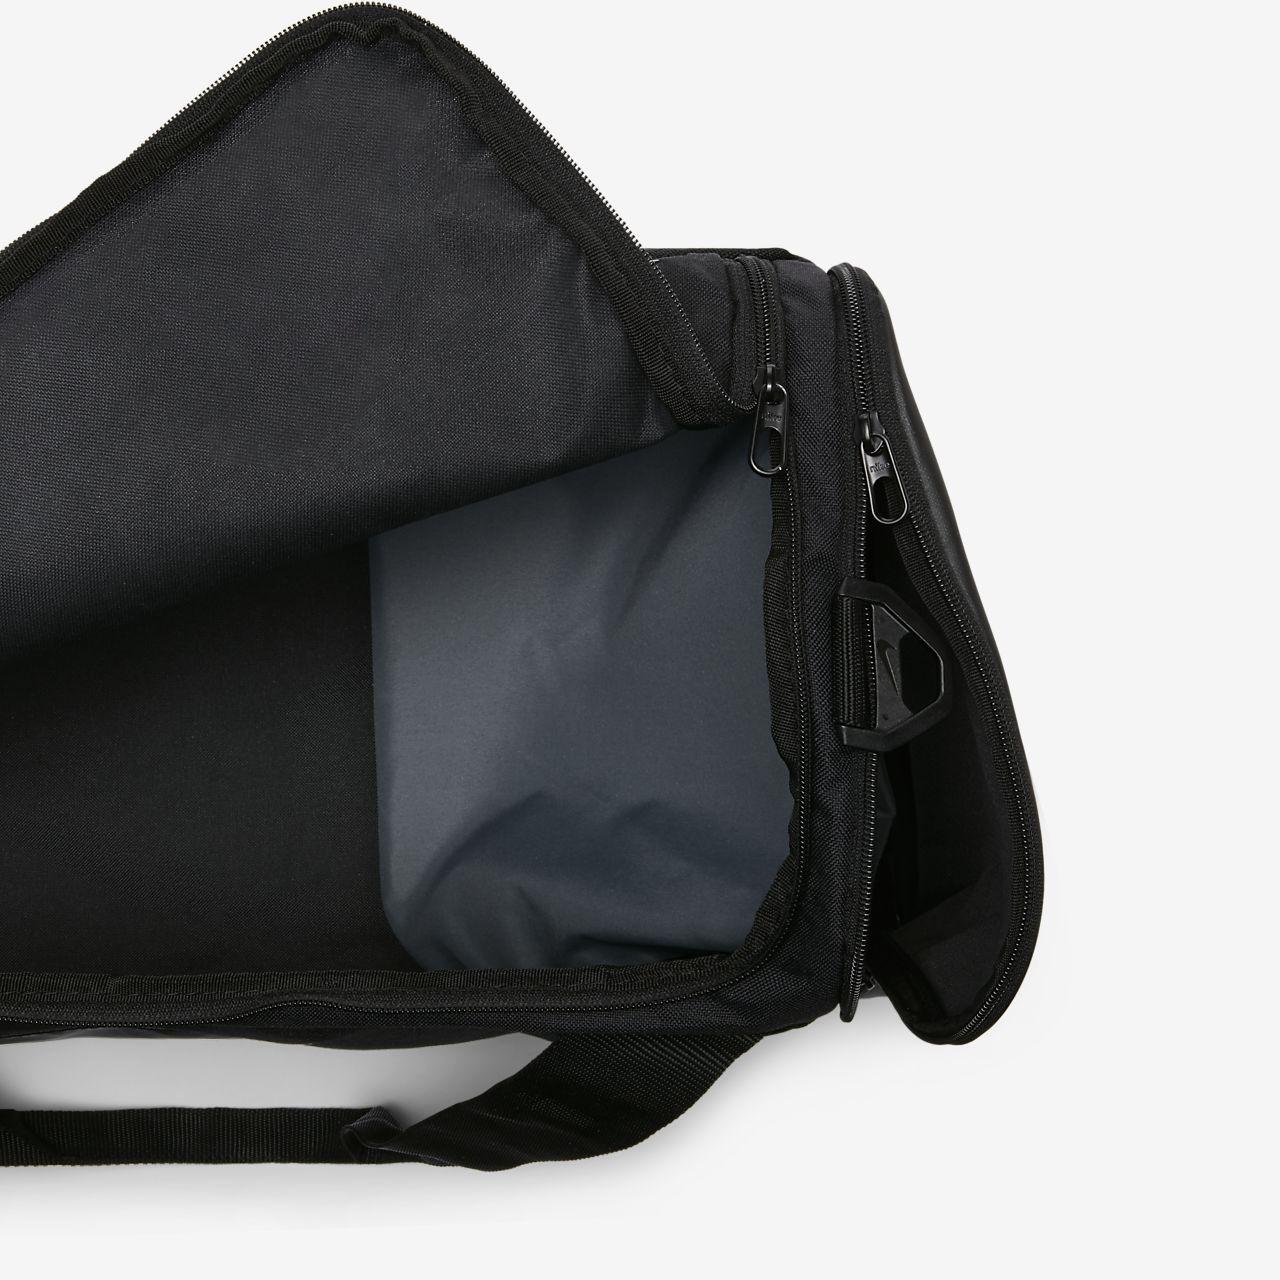 szybka dostawa wykwintny design sklep z wyprzedażami Nike Brasilia (Medium) Training Duffel Bag